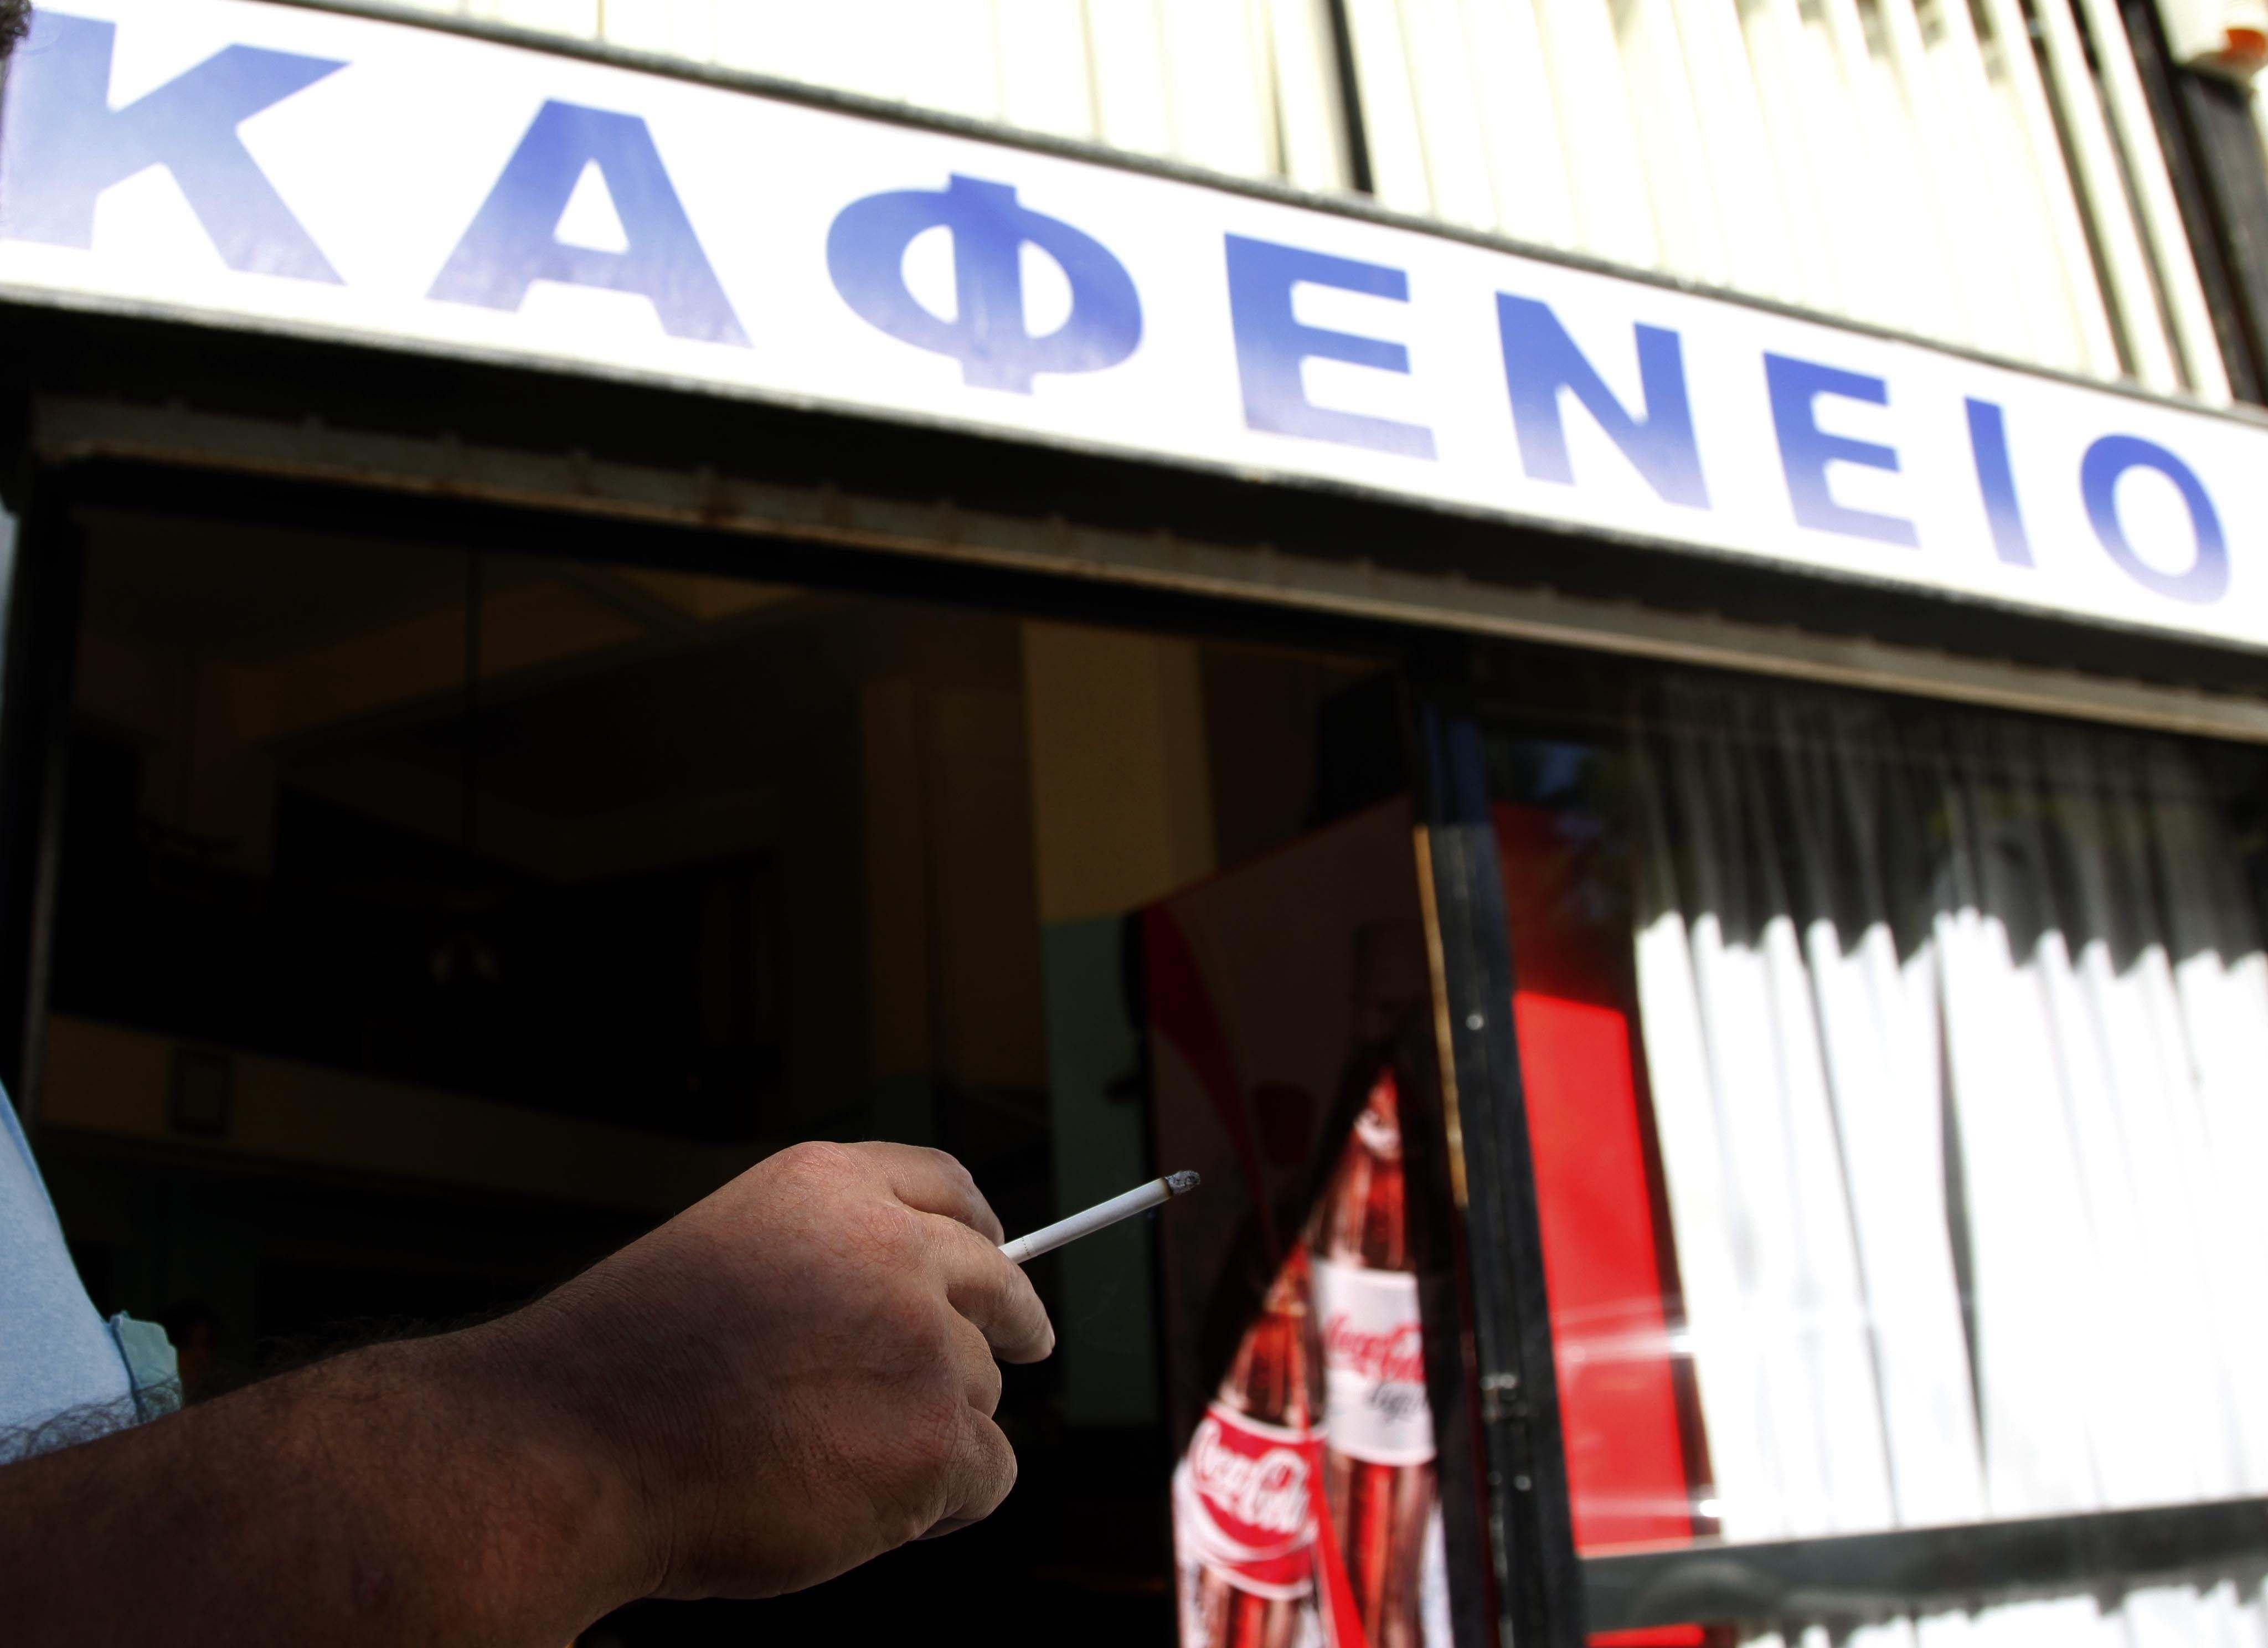 Φθιώτιδα: Άνοιξε το καφενείο του σαν να μην τρέχει τίποτα και έφαγε 5000 ευρώ πρόστιμο